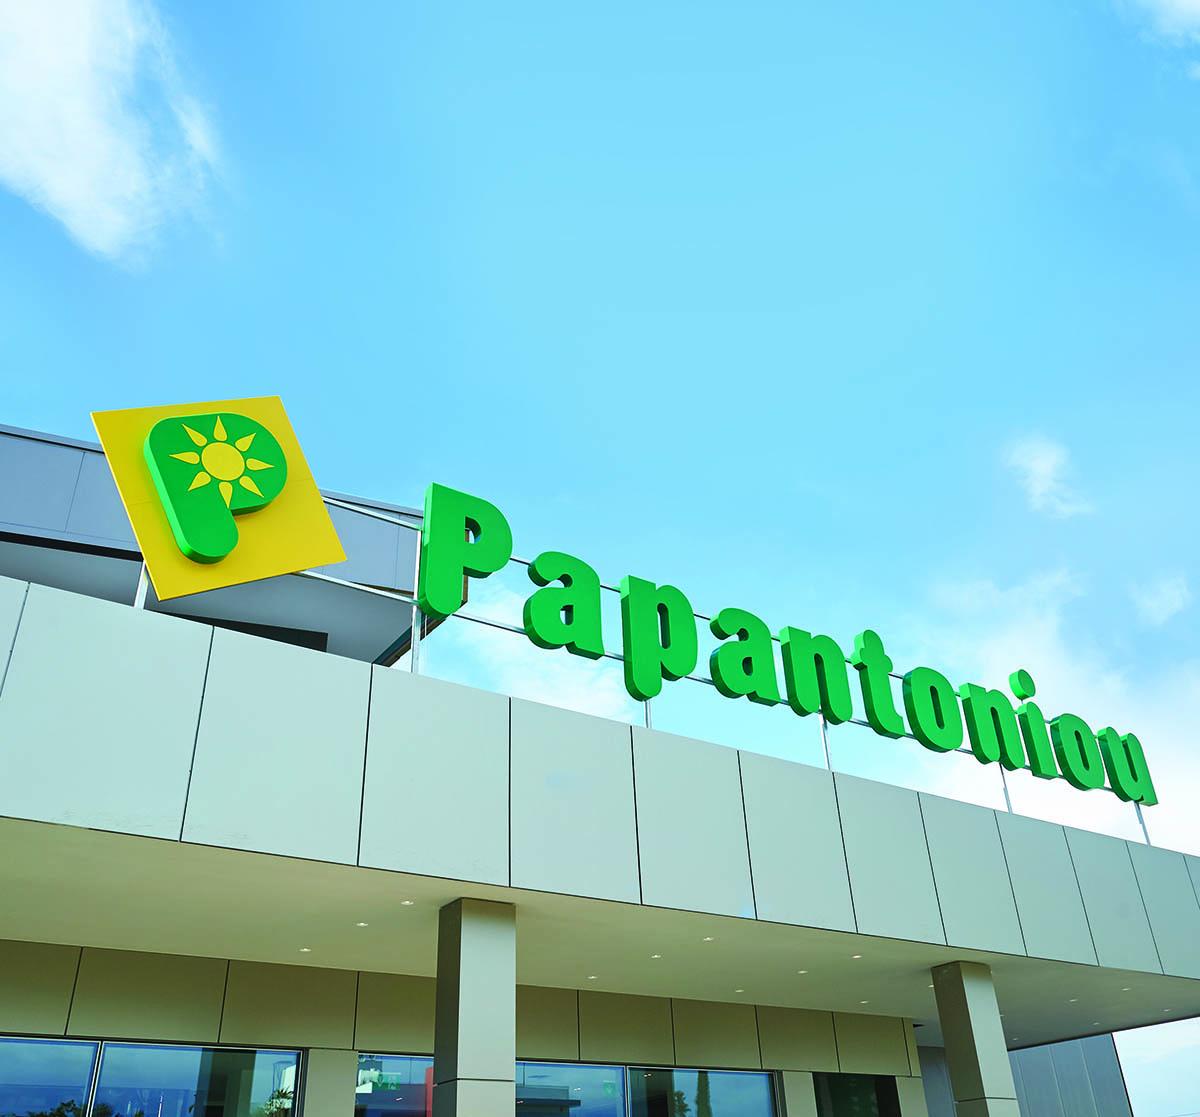 PAPANTONIOU.original